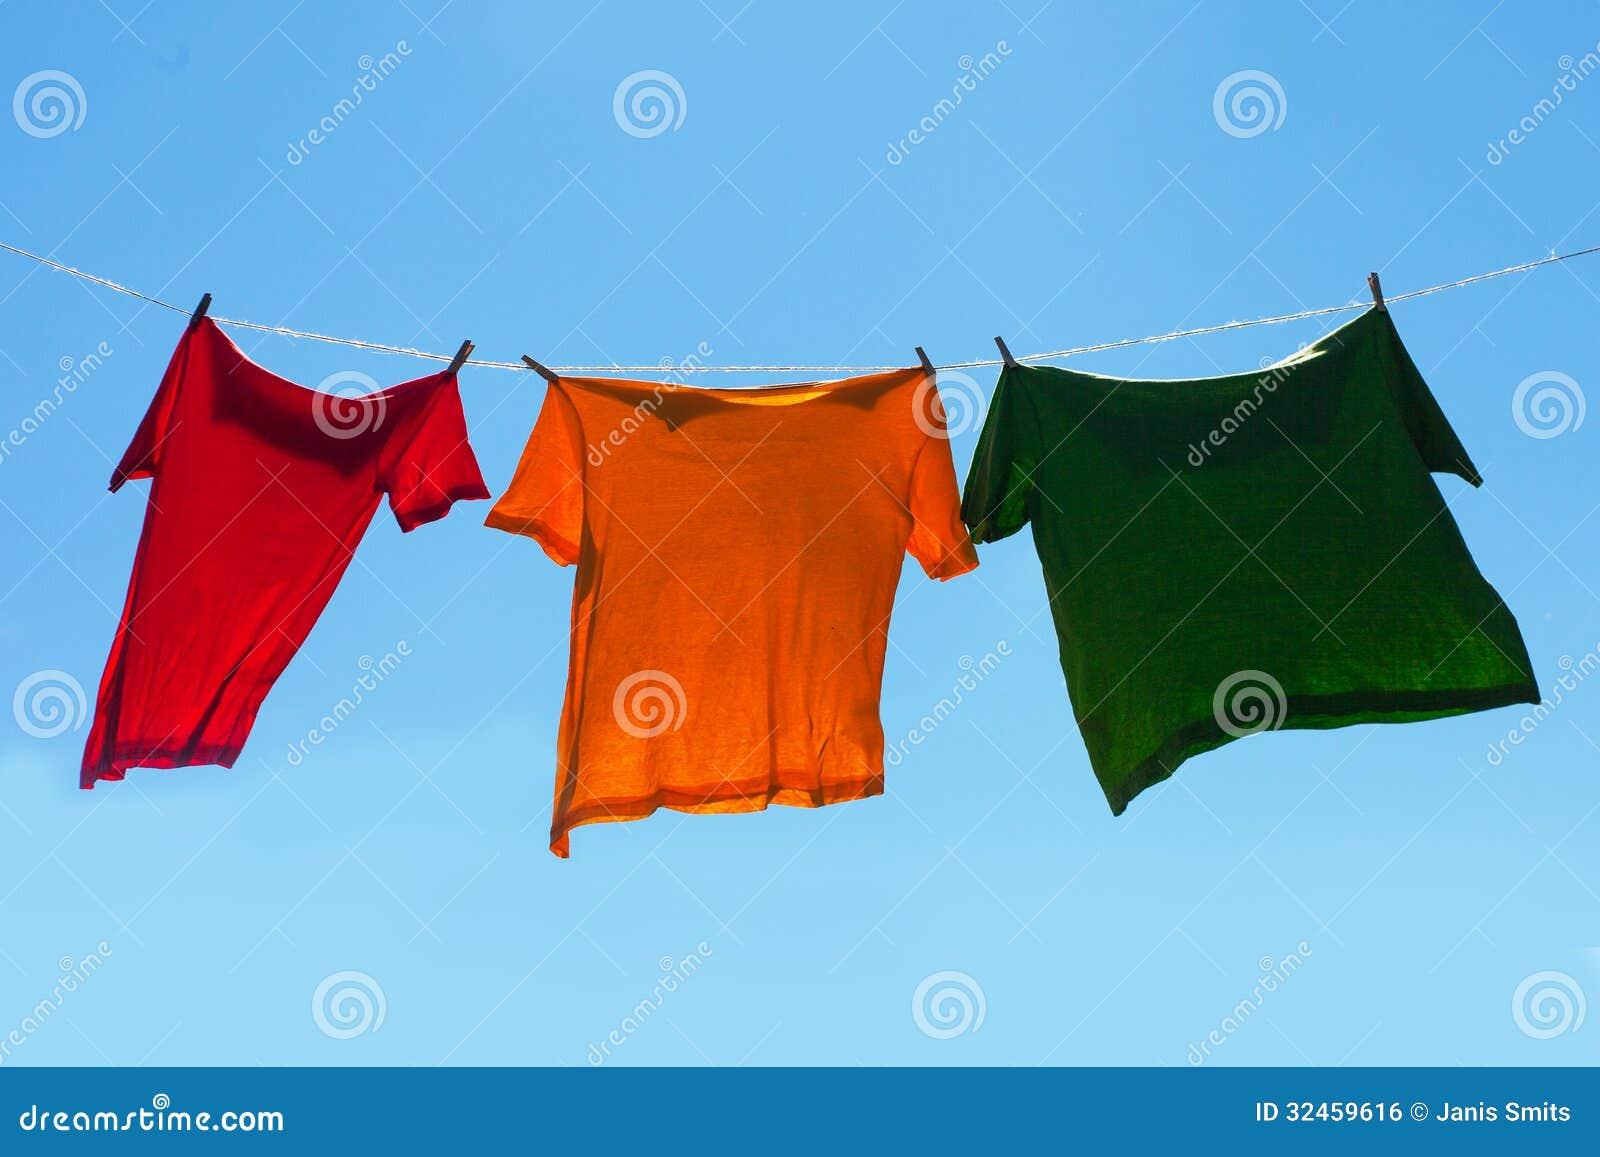 Camisas en cuerda para tender la ropa.